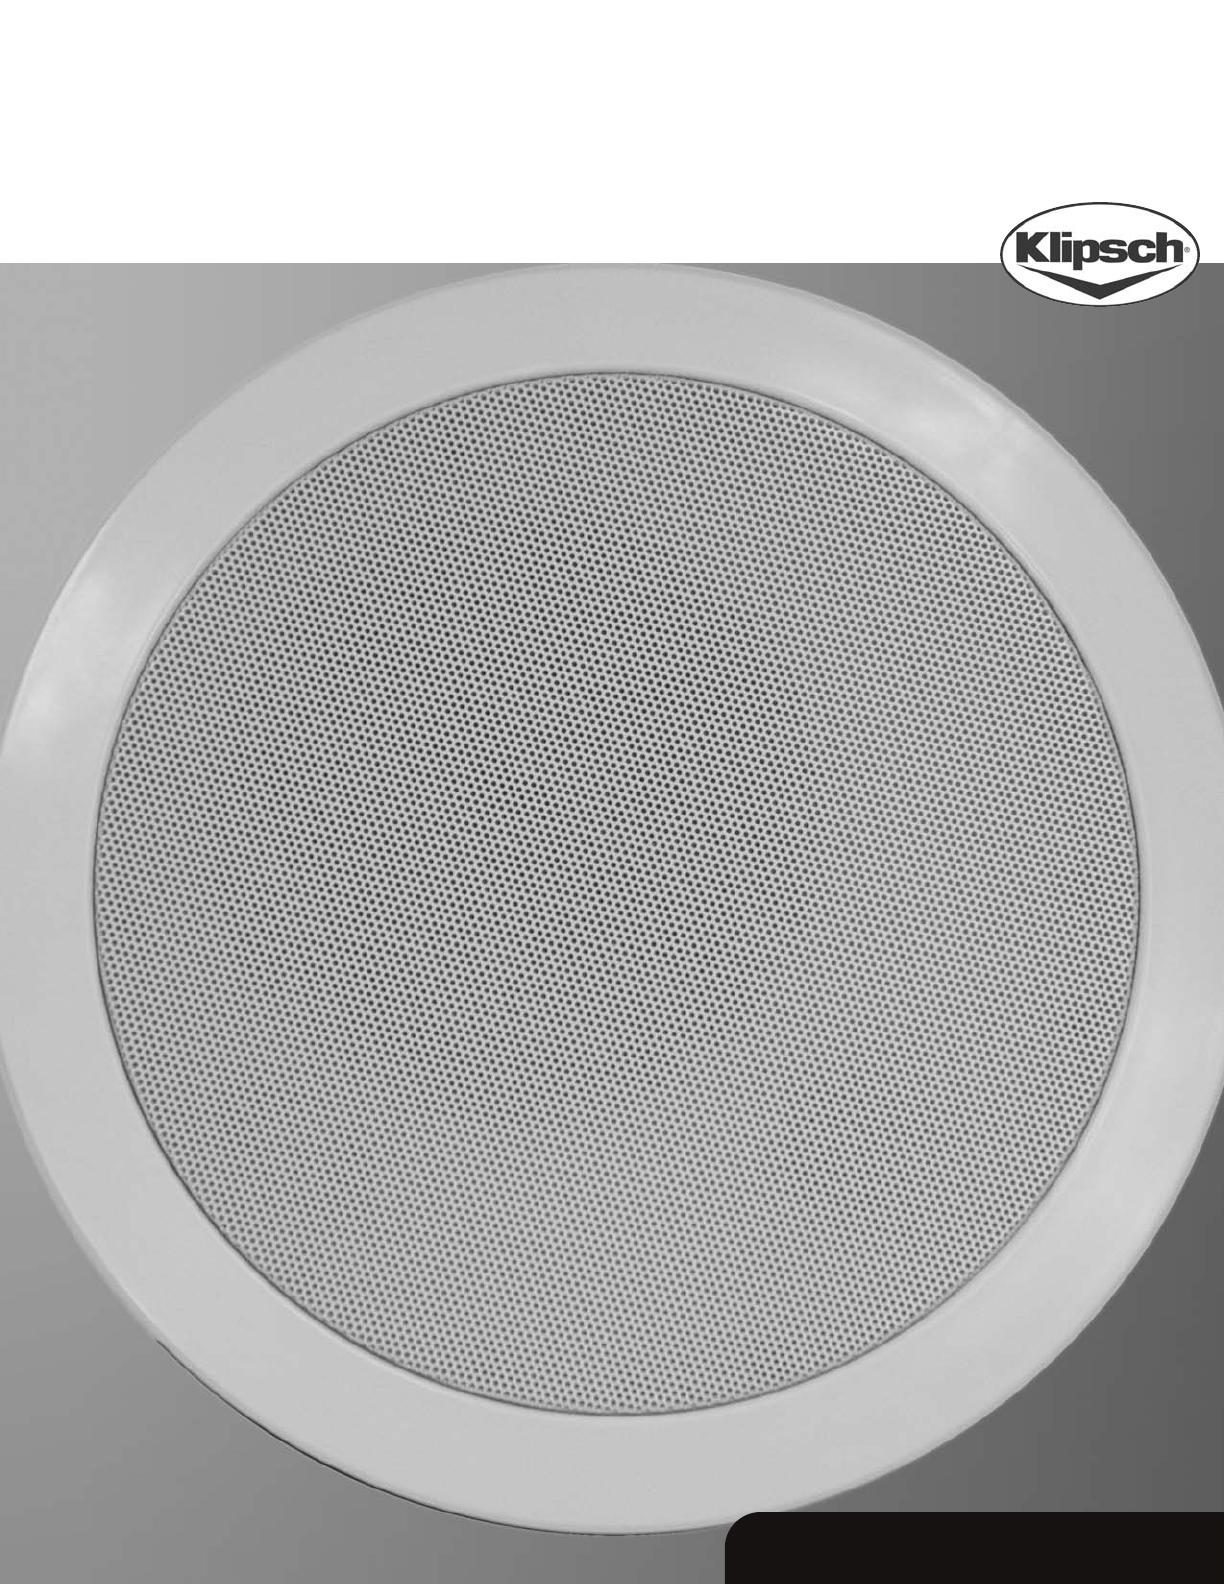 klipsch speaker ic 650 t user guide. Black Bedroom Furniture Sets. Home Design Ideas